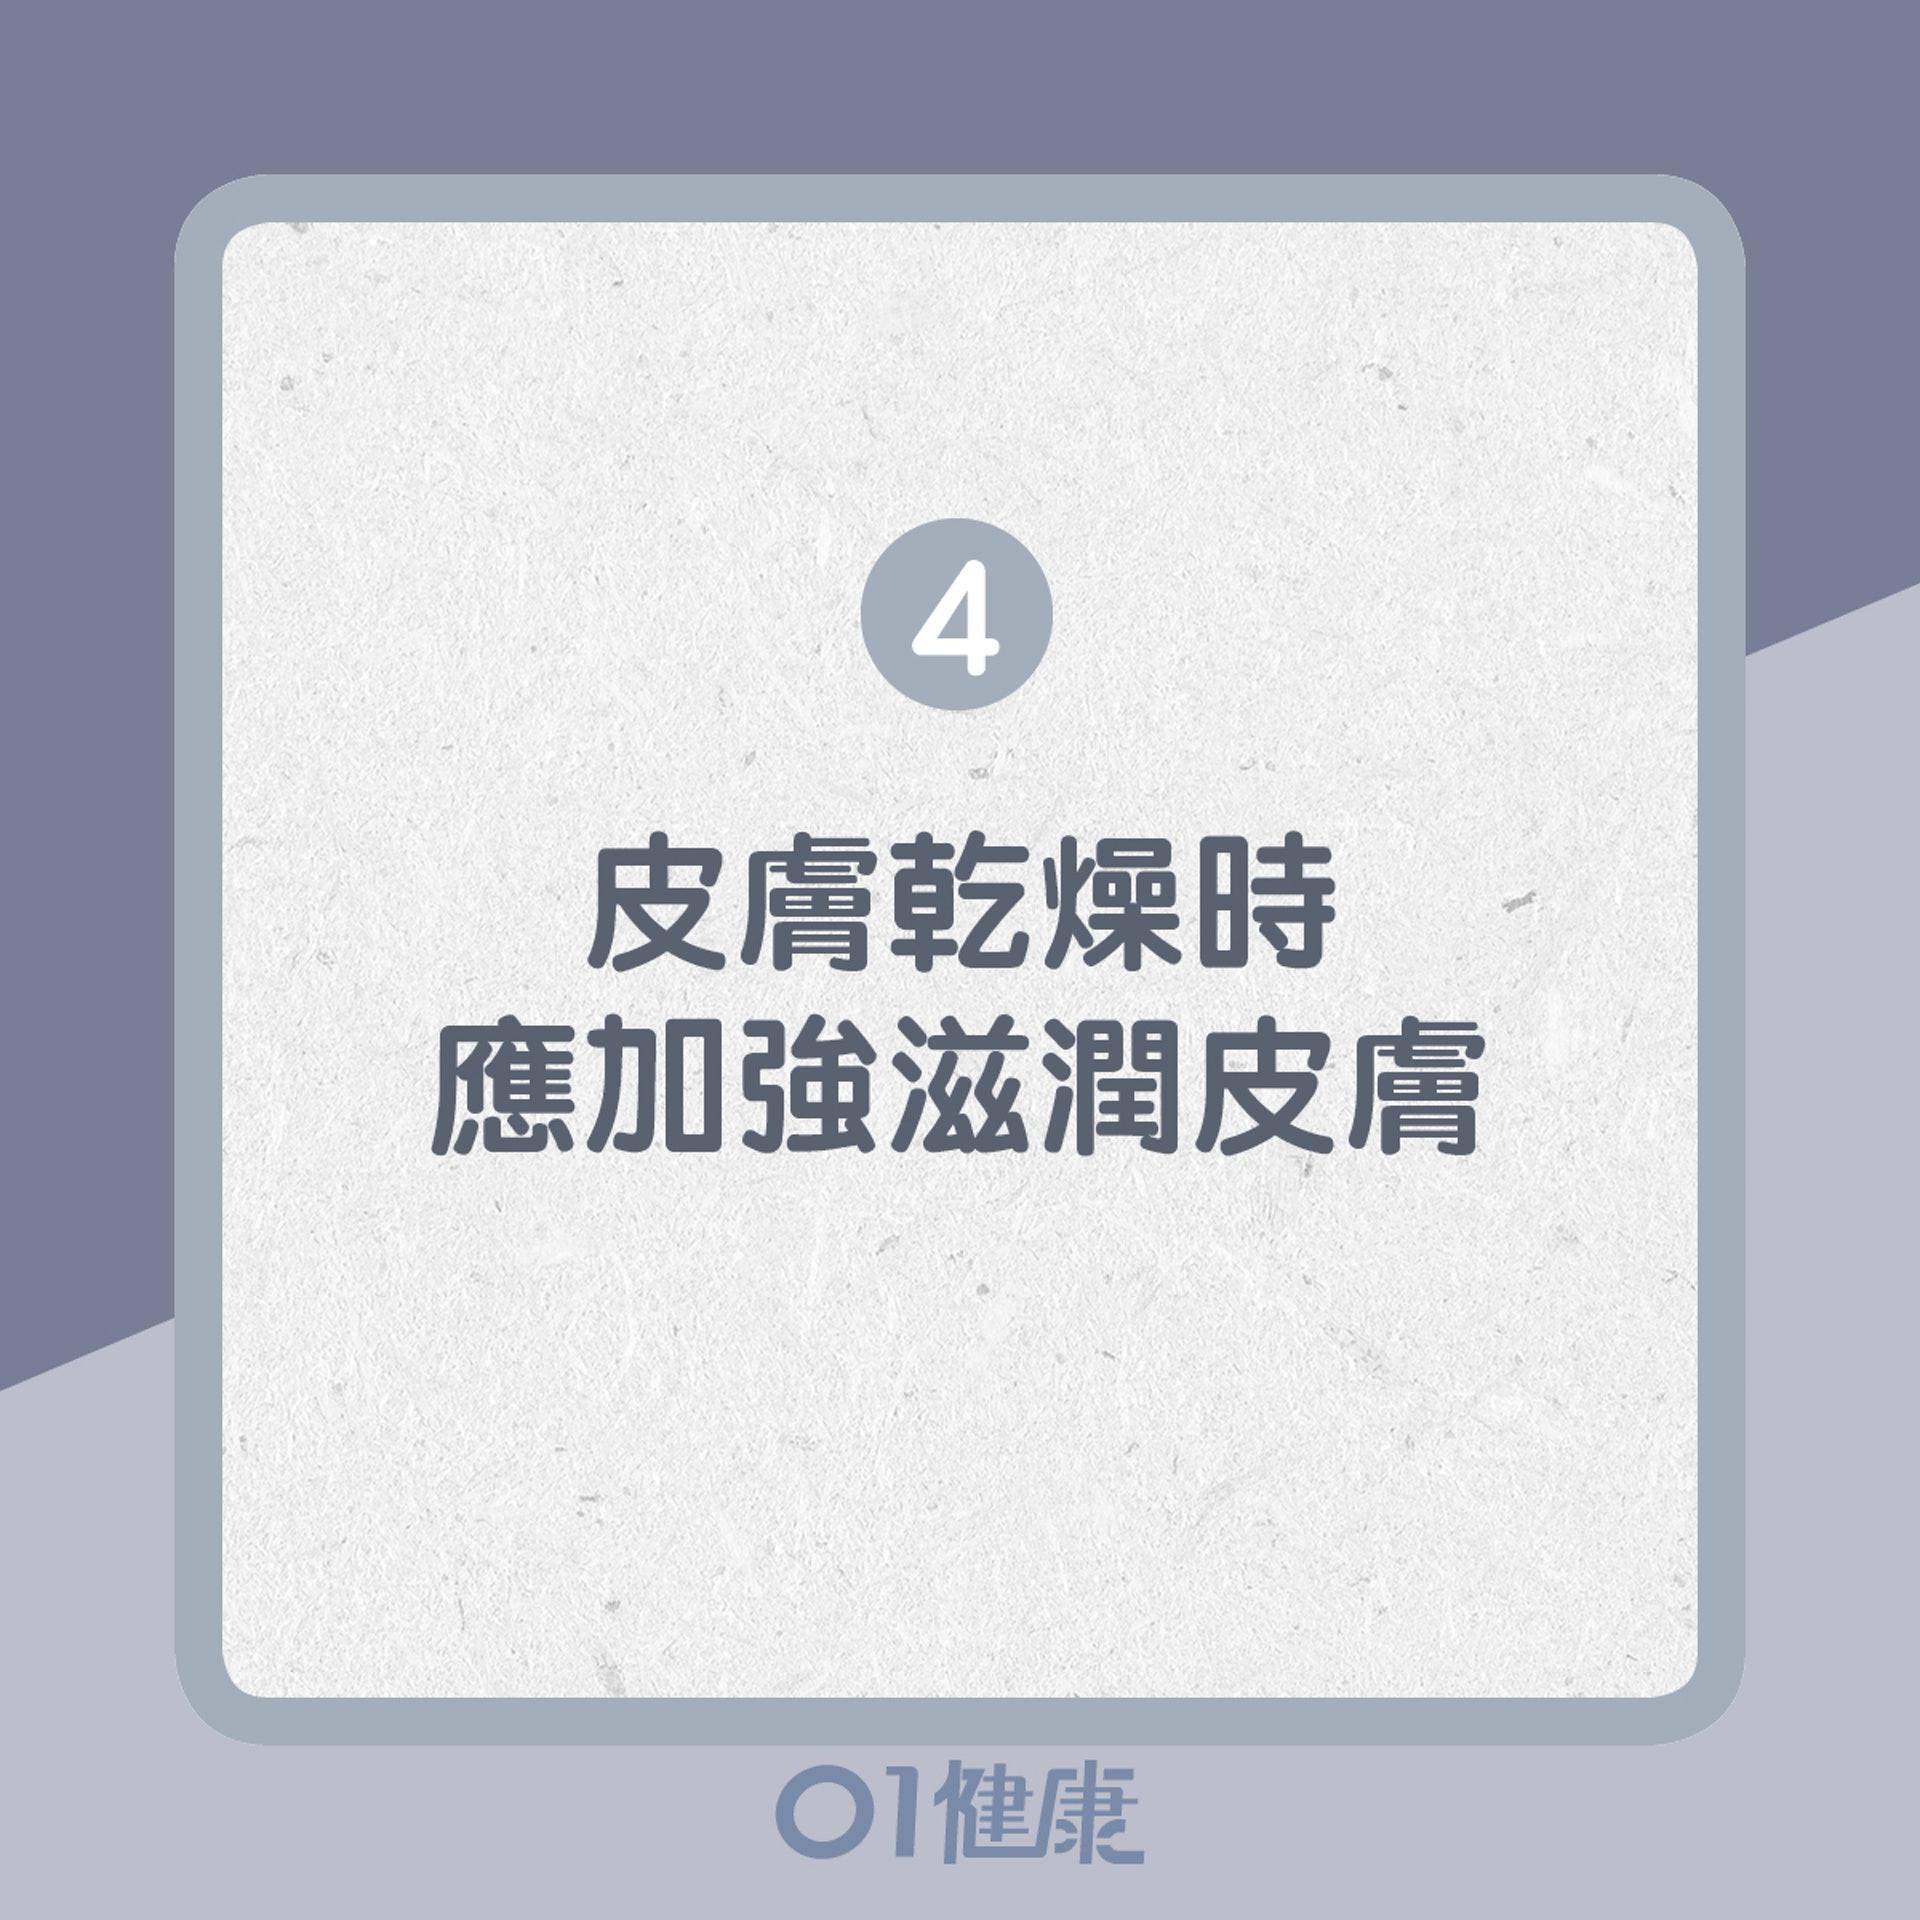 4. 皮膚乾燥時,應加強滋潤皮膚(01製圖)